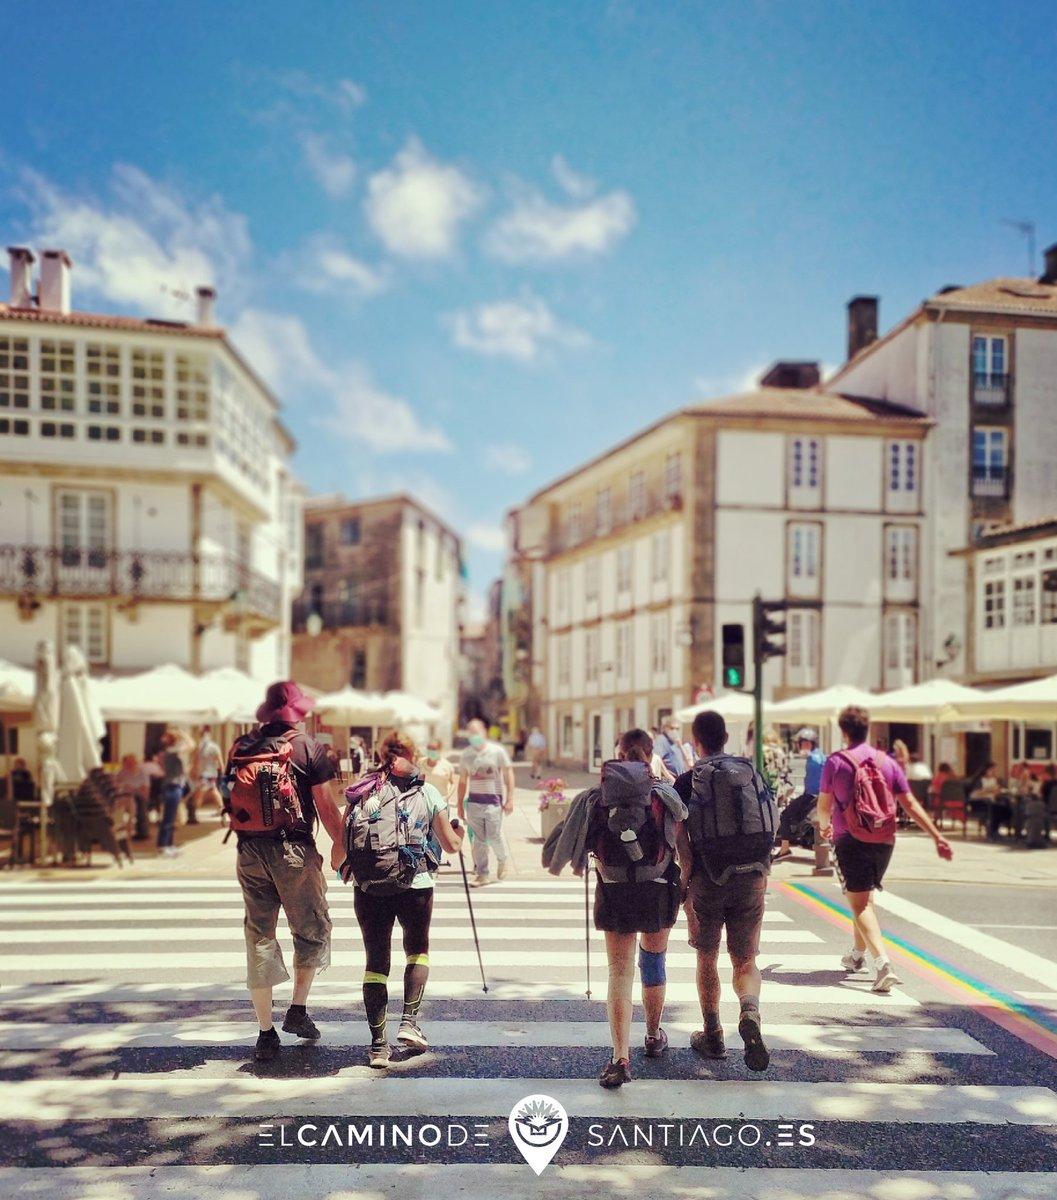 Preeeeeegunta: dónde estamos hoy❓en qué #camino❓   #ganasdecamino #caminodesantiago #buencamino #peregrino #blogdelcamino #Galicia #destinoseguro #buscandolaGalicidad #theway #elcaminodesantiago #caminar #sentir #vivir #ilcamminodisantiago